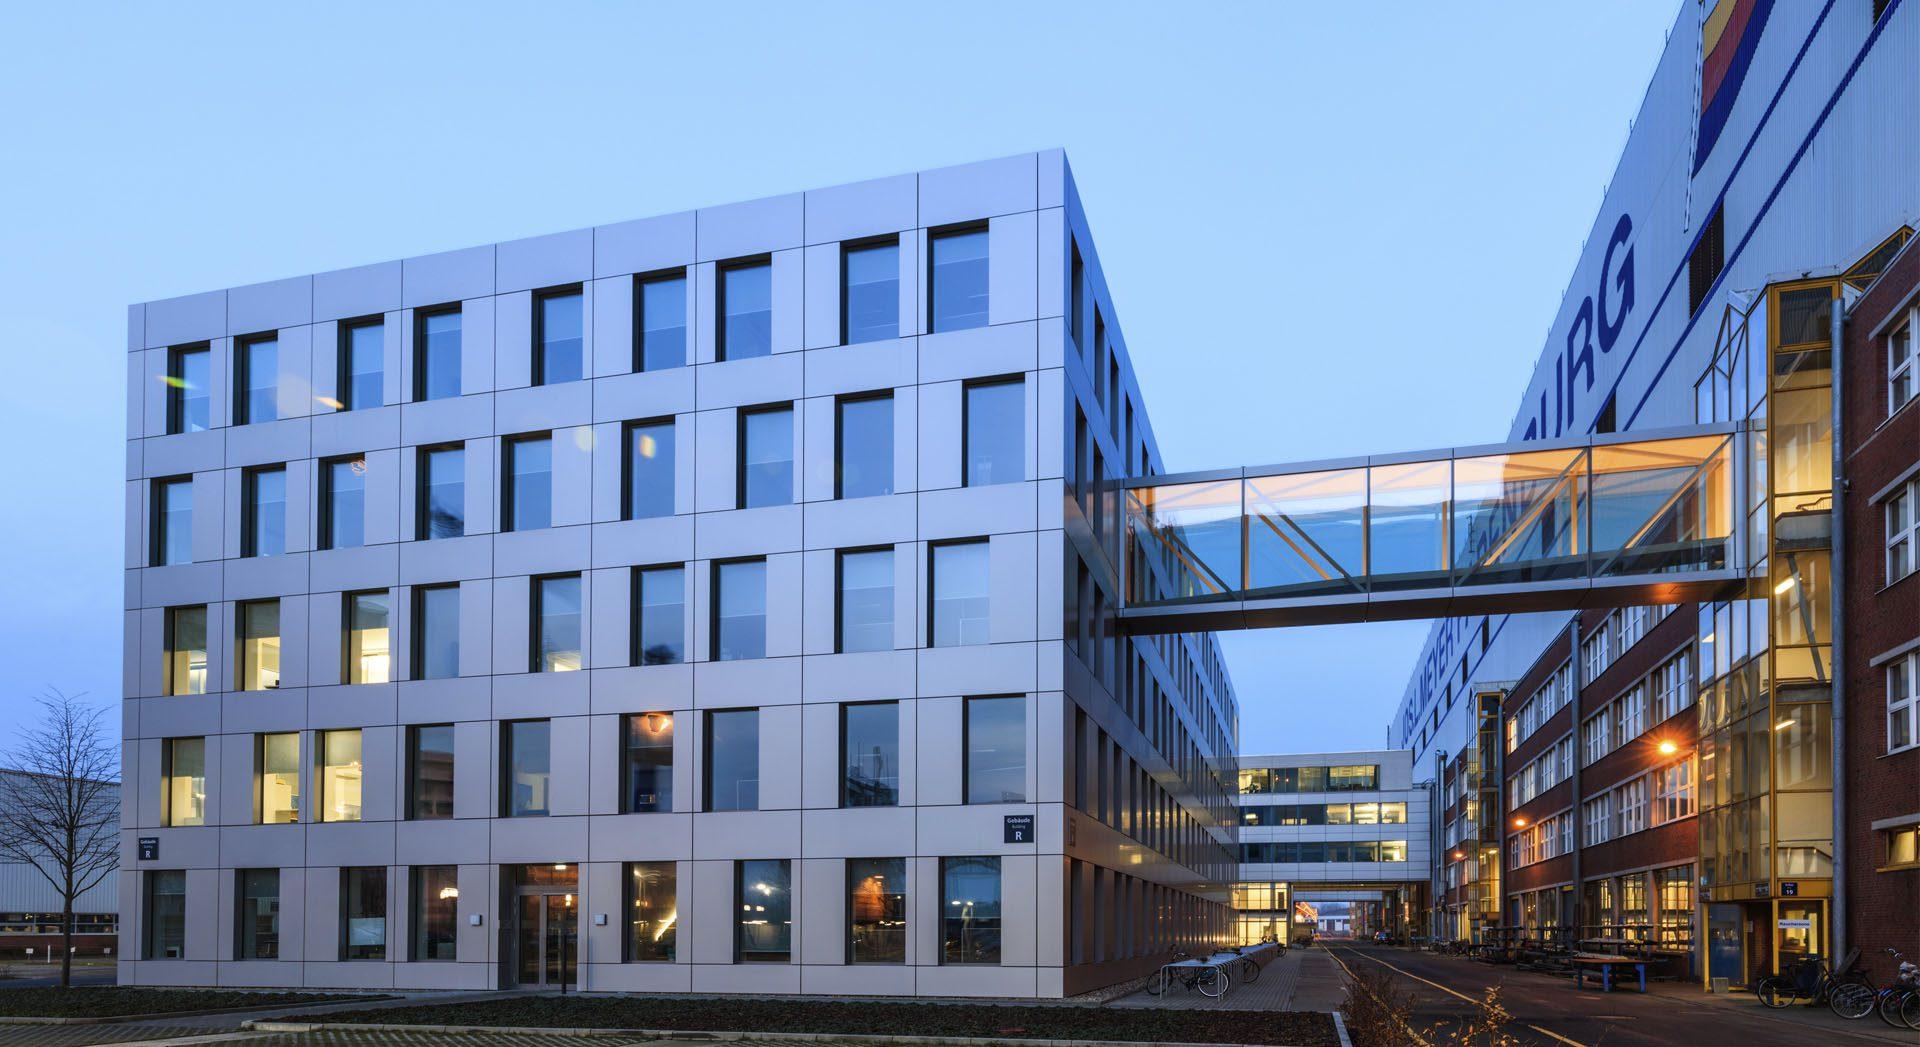 Architektur; Industriearchitektur; Gewerbearchitektur; Alucobond Fassade; Neubau; Meyer Werft; Verwaltungsgebäude; Brücke verglast